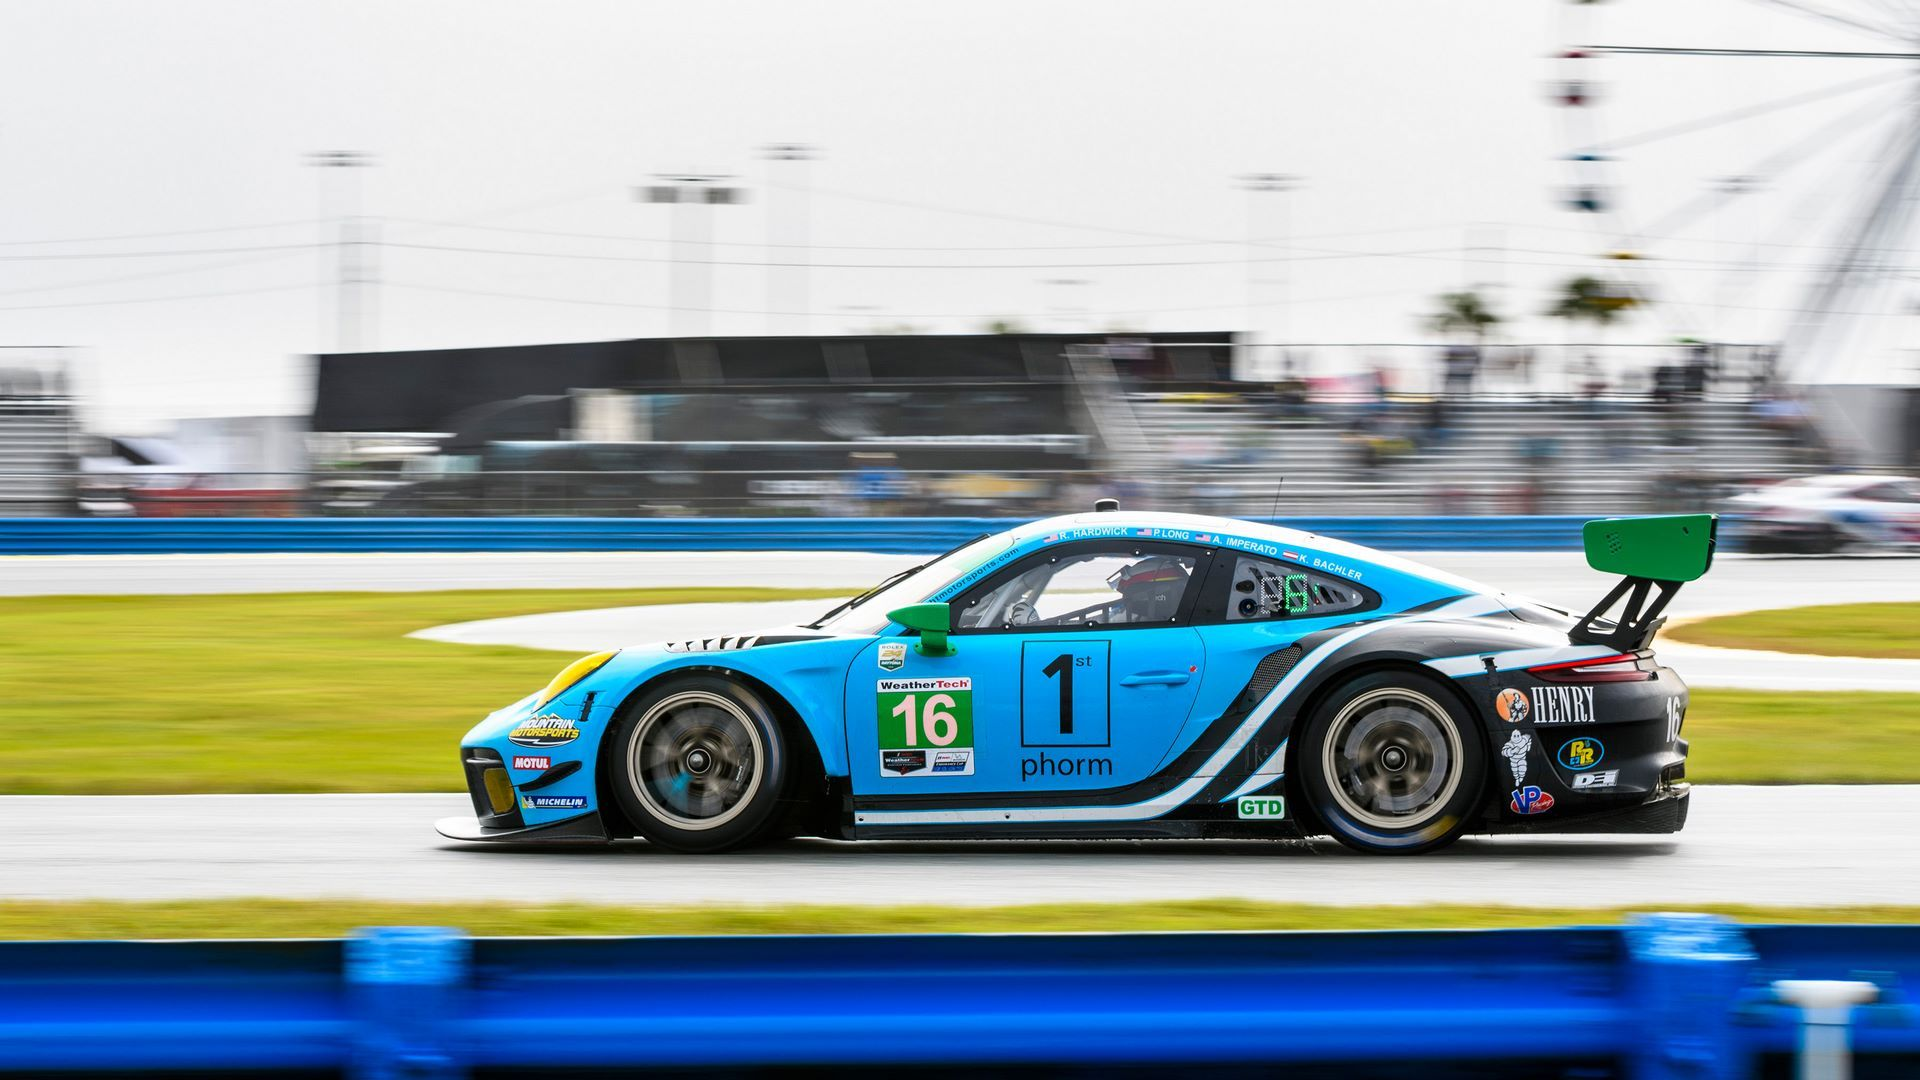 Porsche 911 GT3 R (16), Wright Motorsport: Ryan Hardwick (USA), Patrick Long (USA), Anthony Imperato (USA), Klaus Bachler (A)